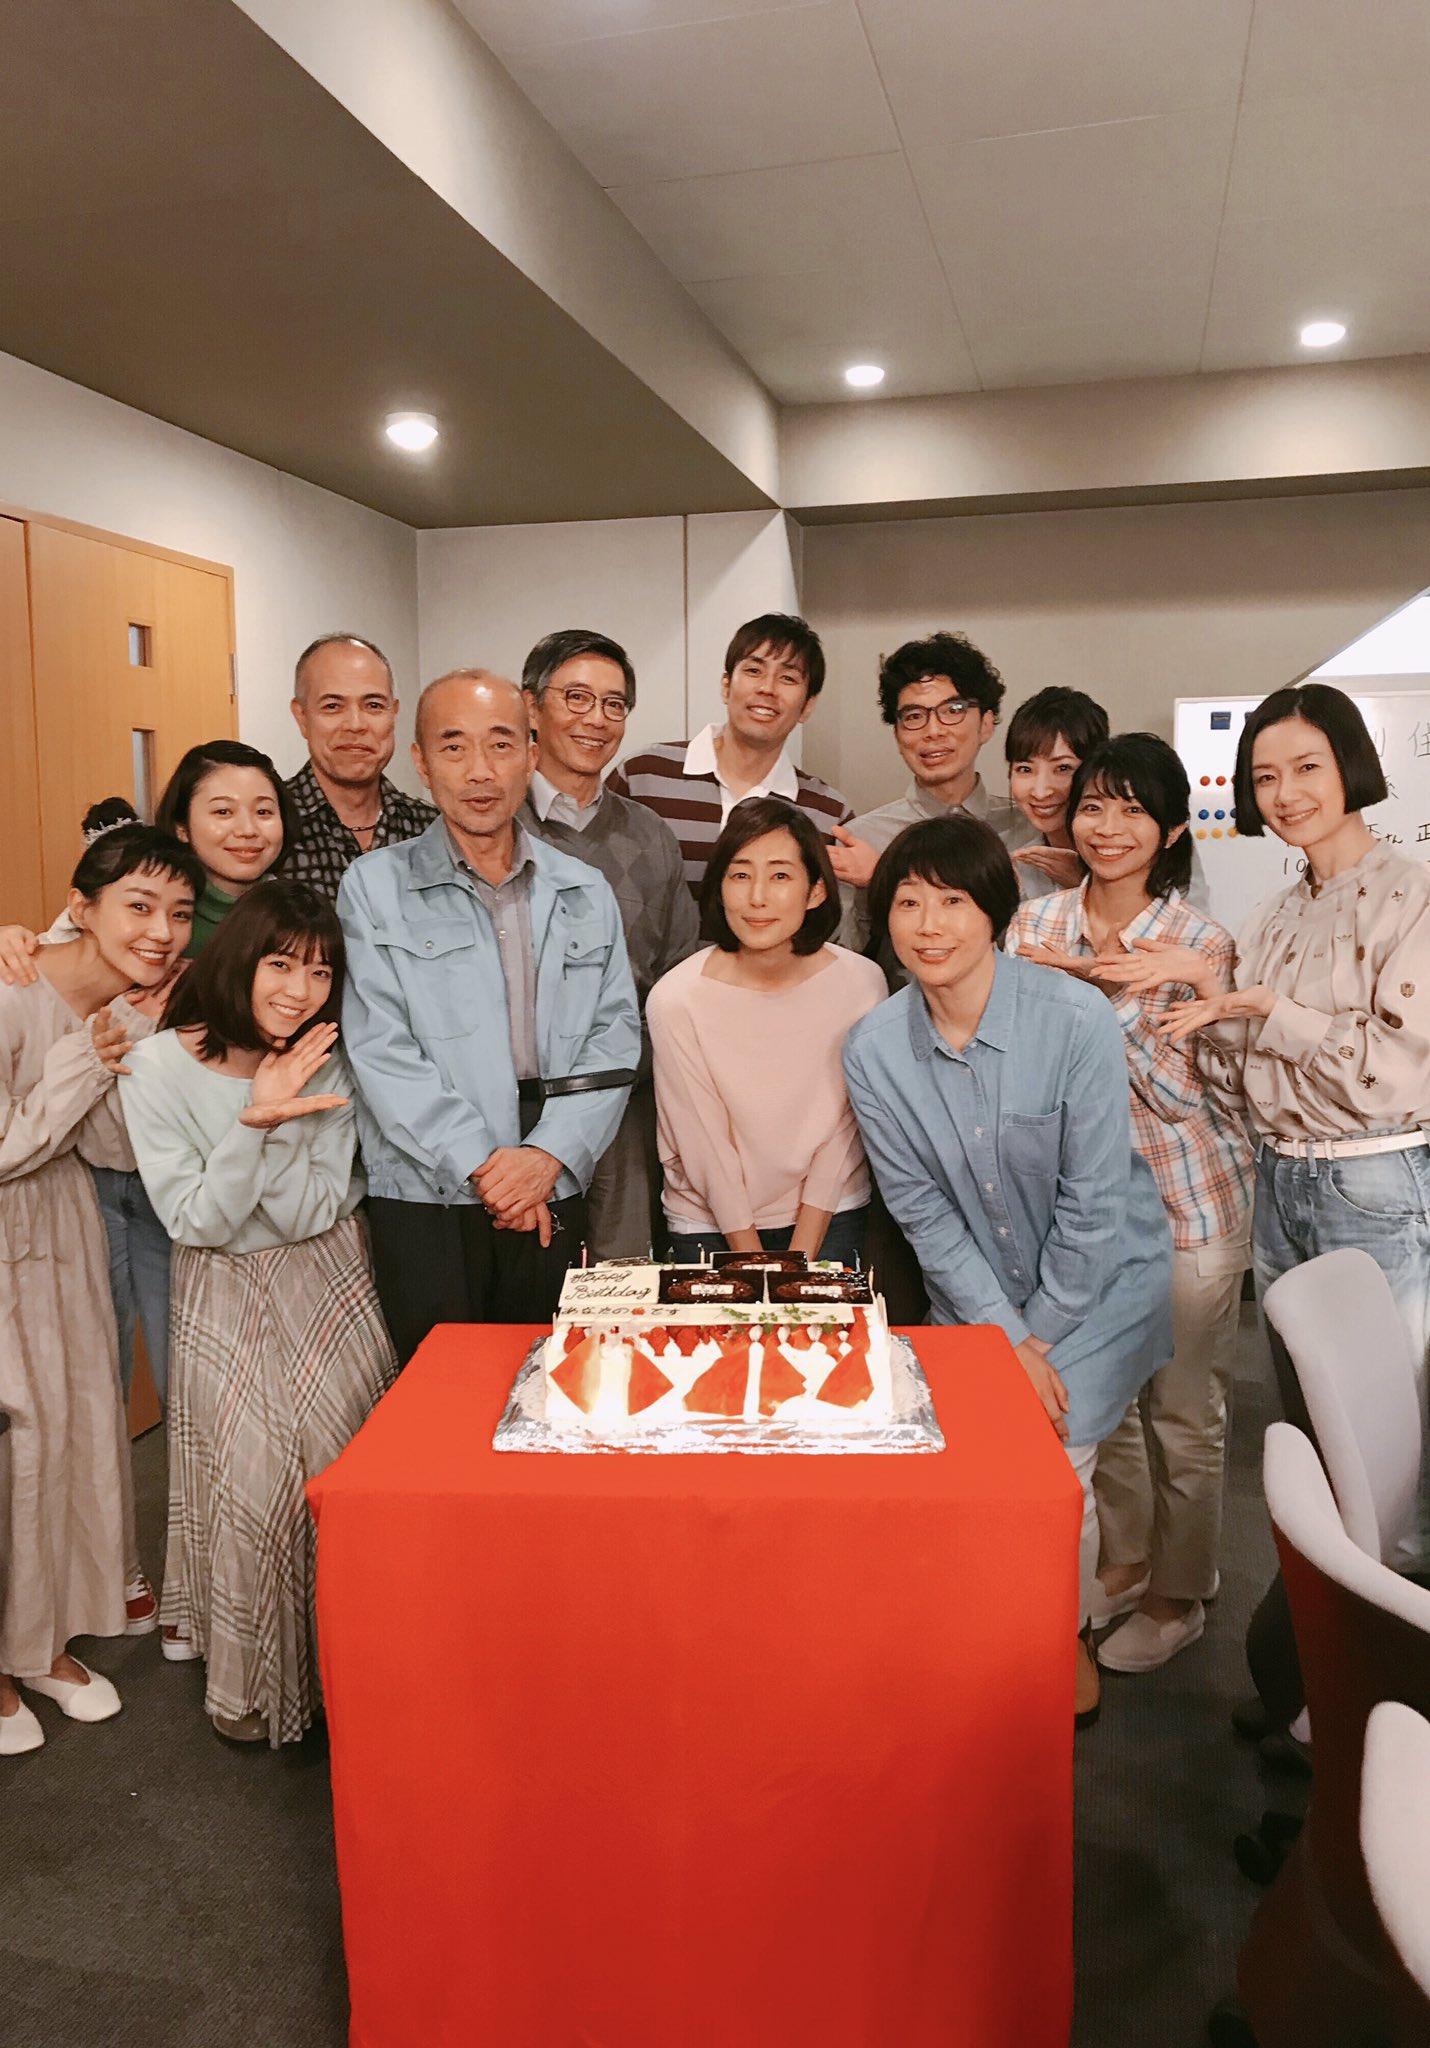 【あなたの番です】西野七瀬ら住民会メンバーで木村多江、竹中直人、峯村リエのお誕生日をお祝い